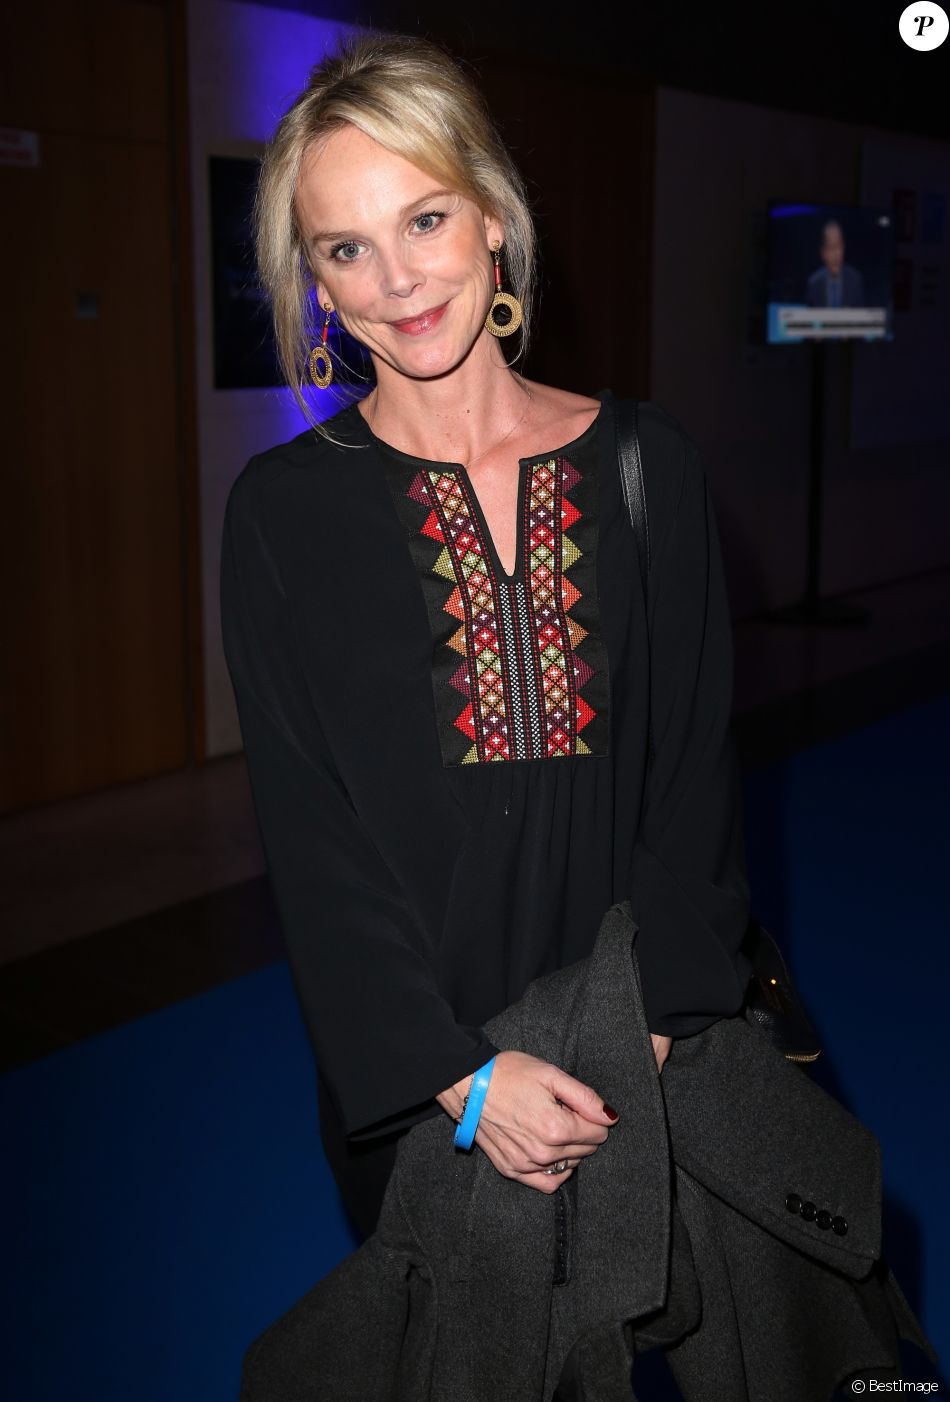 Exclusif - Vanessa Burggraf à la soirée organisée pour célébrer les 10 ans de la chaine France 24. Issy-les-Moulineaux, le 6 décembre 2016. © Marc Ausset-Lacroix/Bestimage